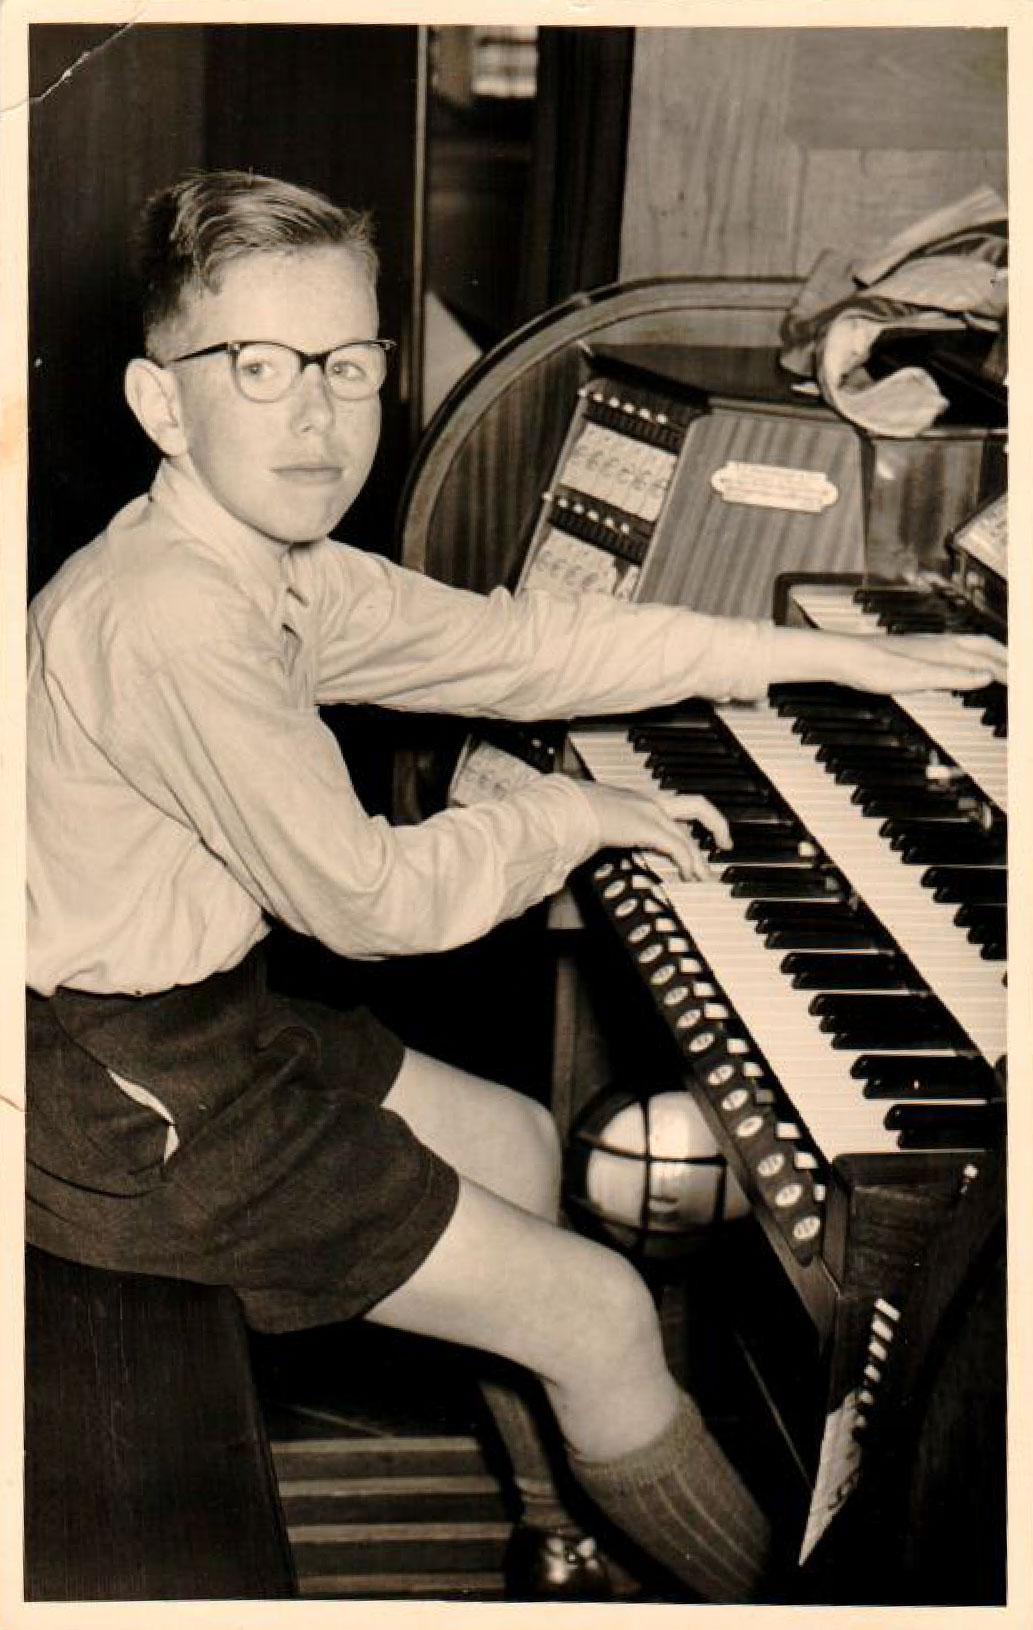 louis van dijk achter het orgel prinsessekerk 1955